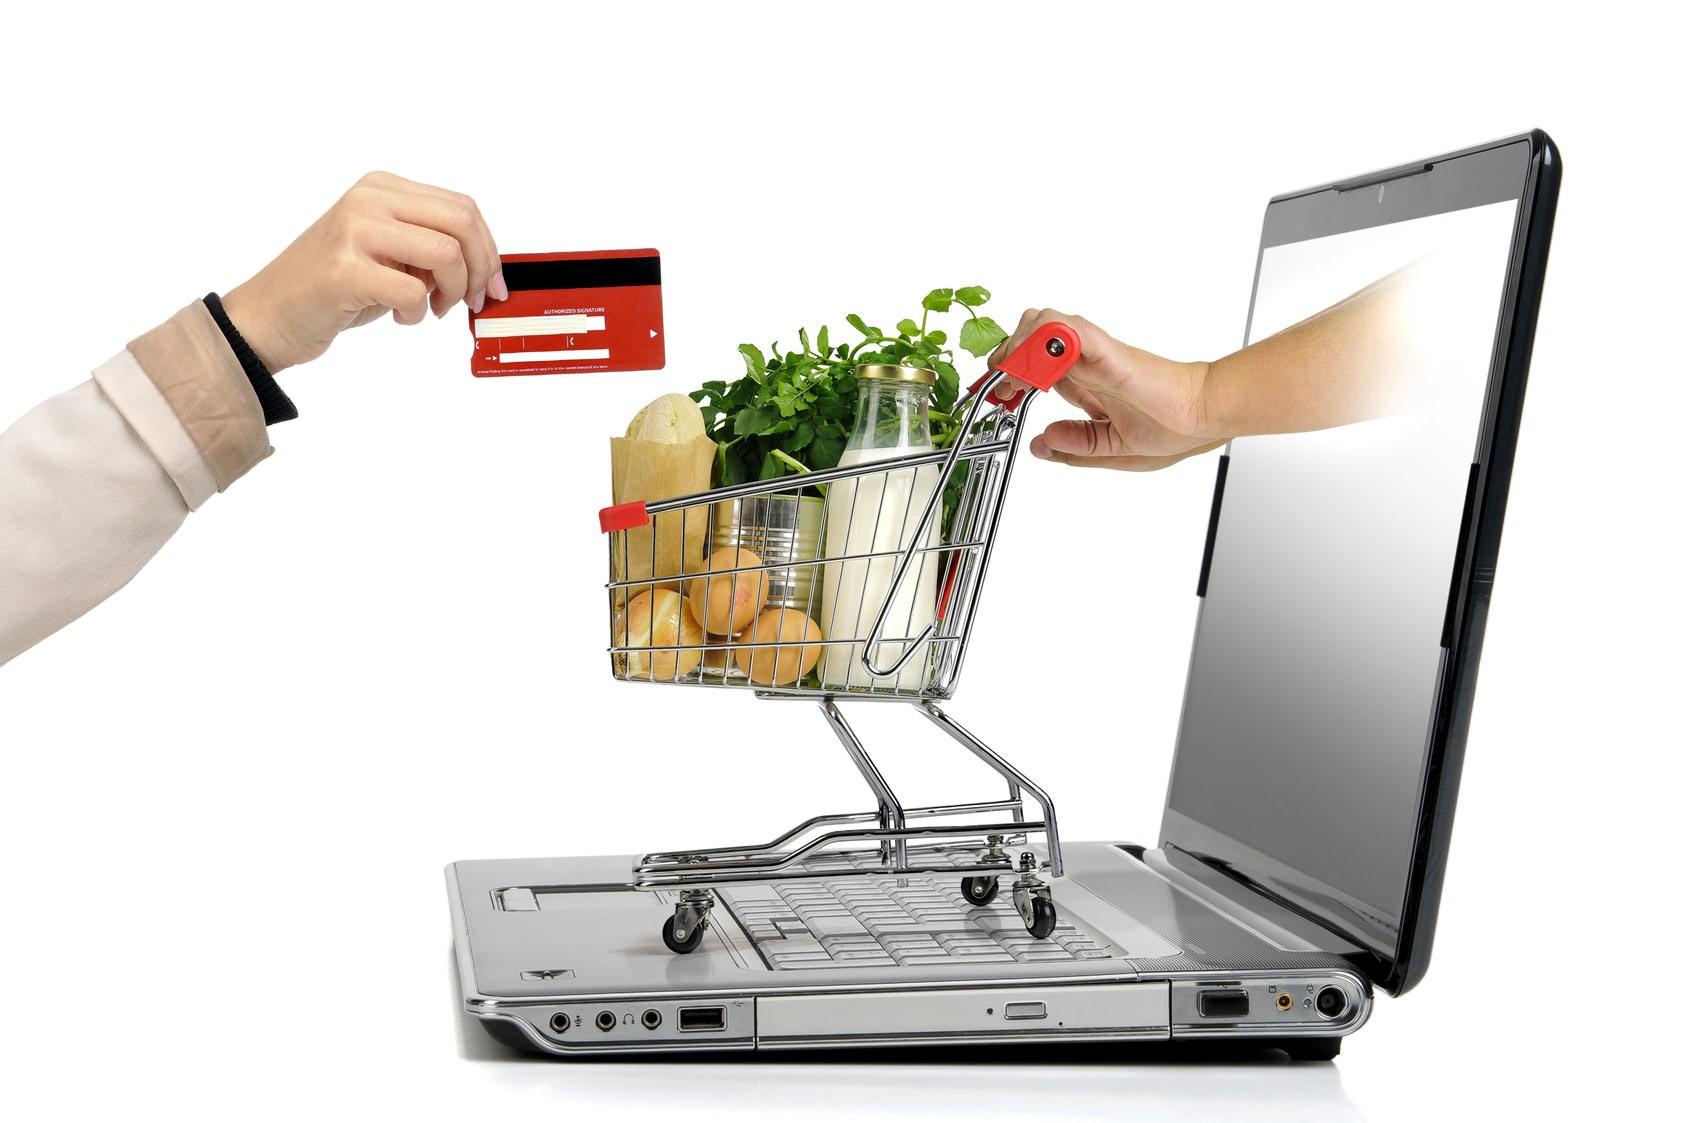 Жители России стали чаще делать покупки в электронных магазинах